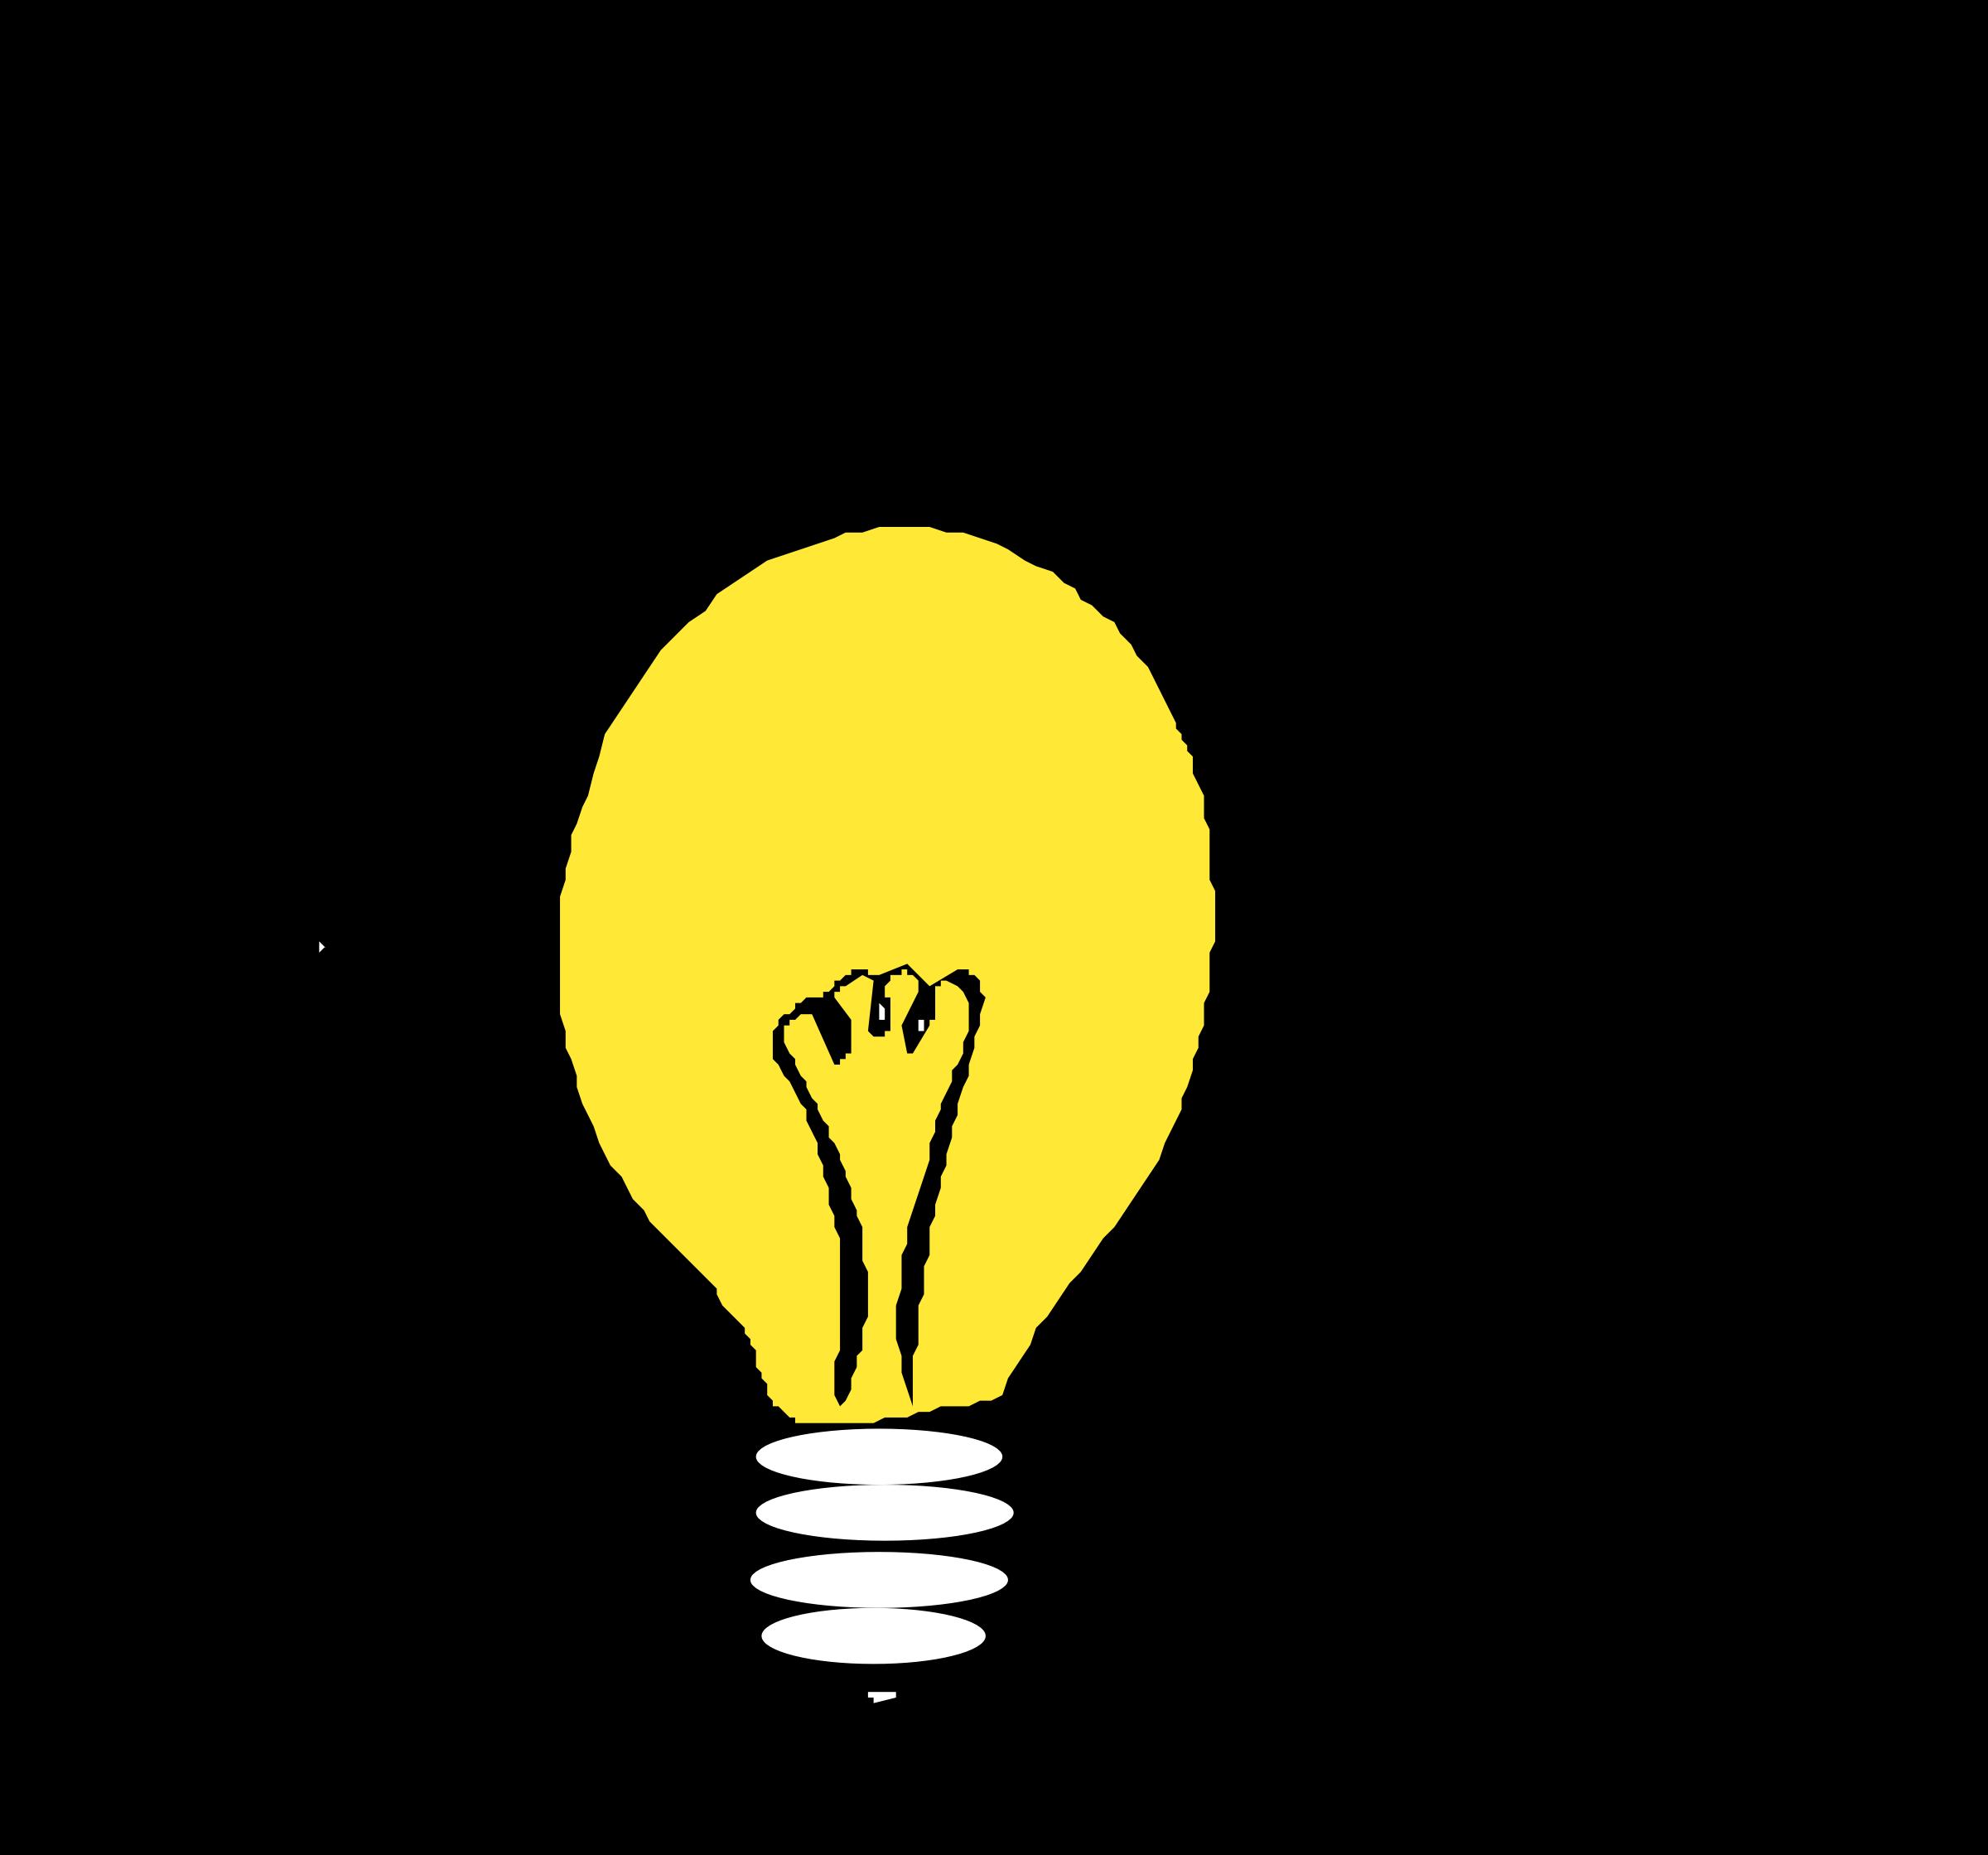 Lightbulb clipart 2